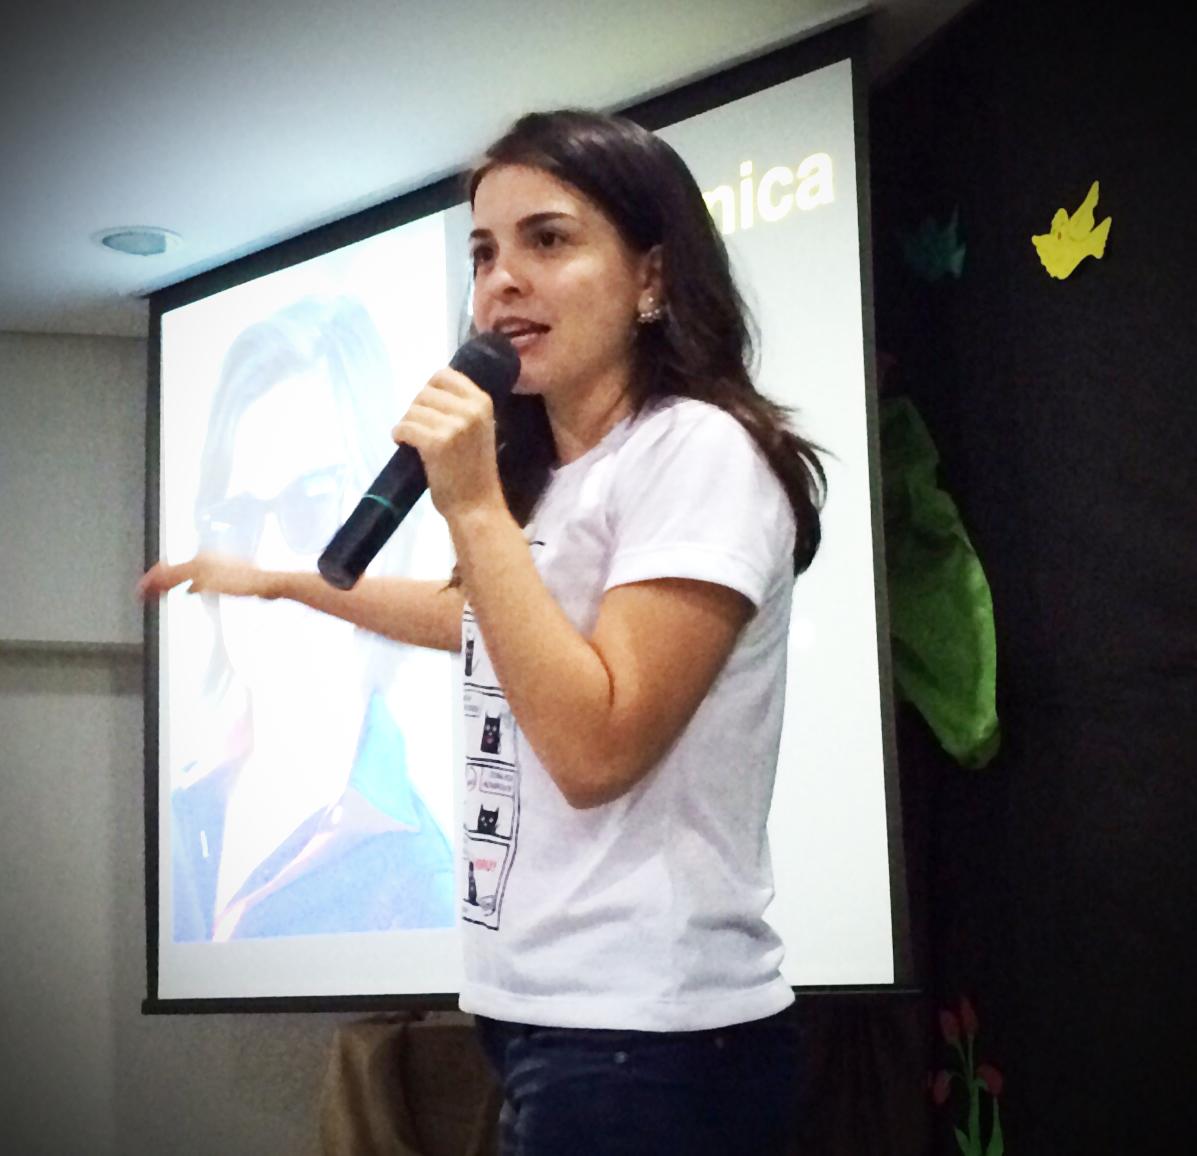 A jornalista Verônica Machado apostou nos seus projetos e se deu bem